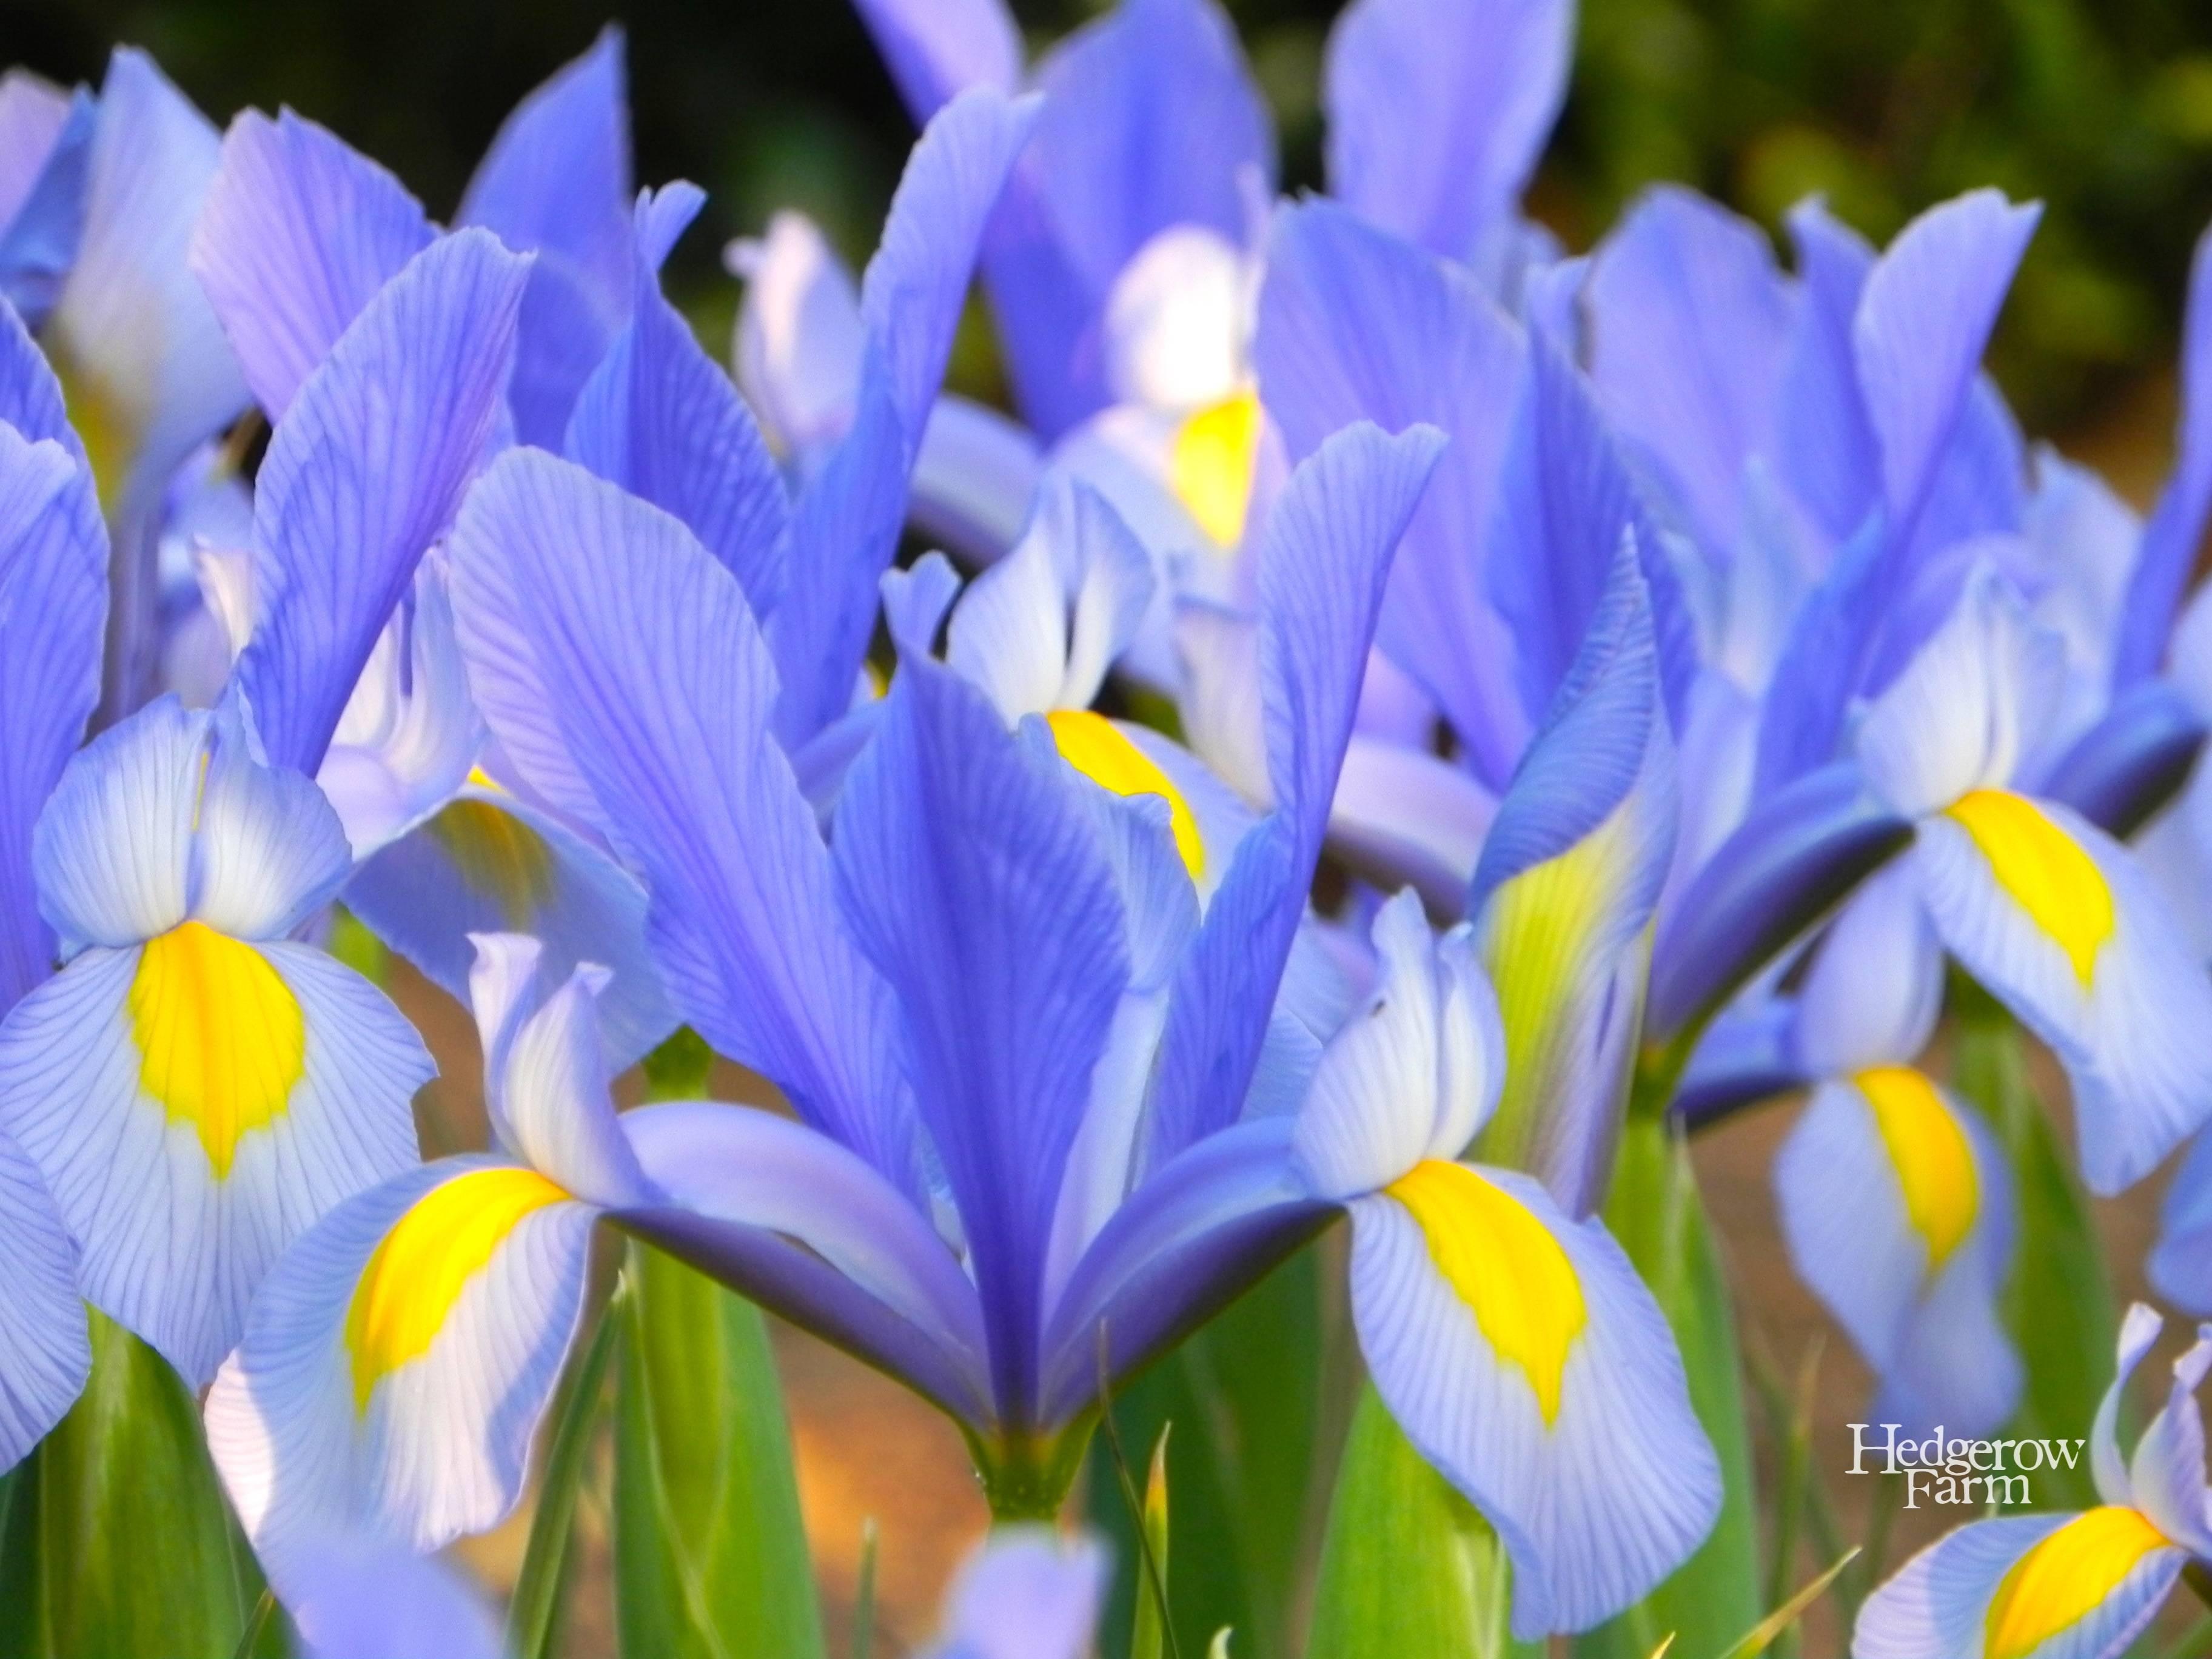 Dutch Iris Hedgerow Farm